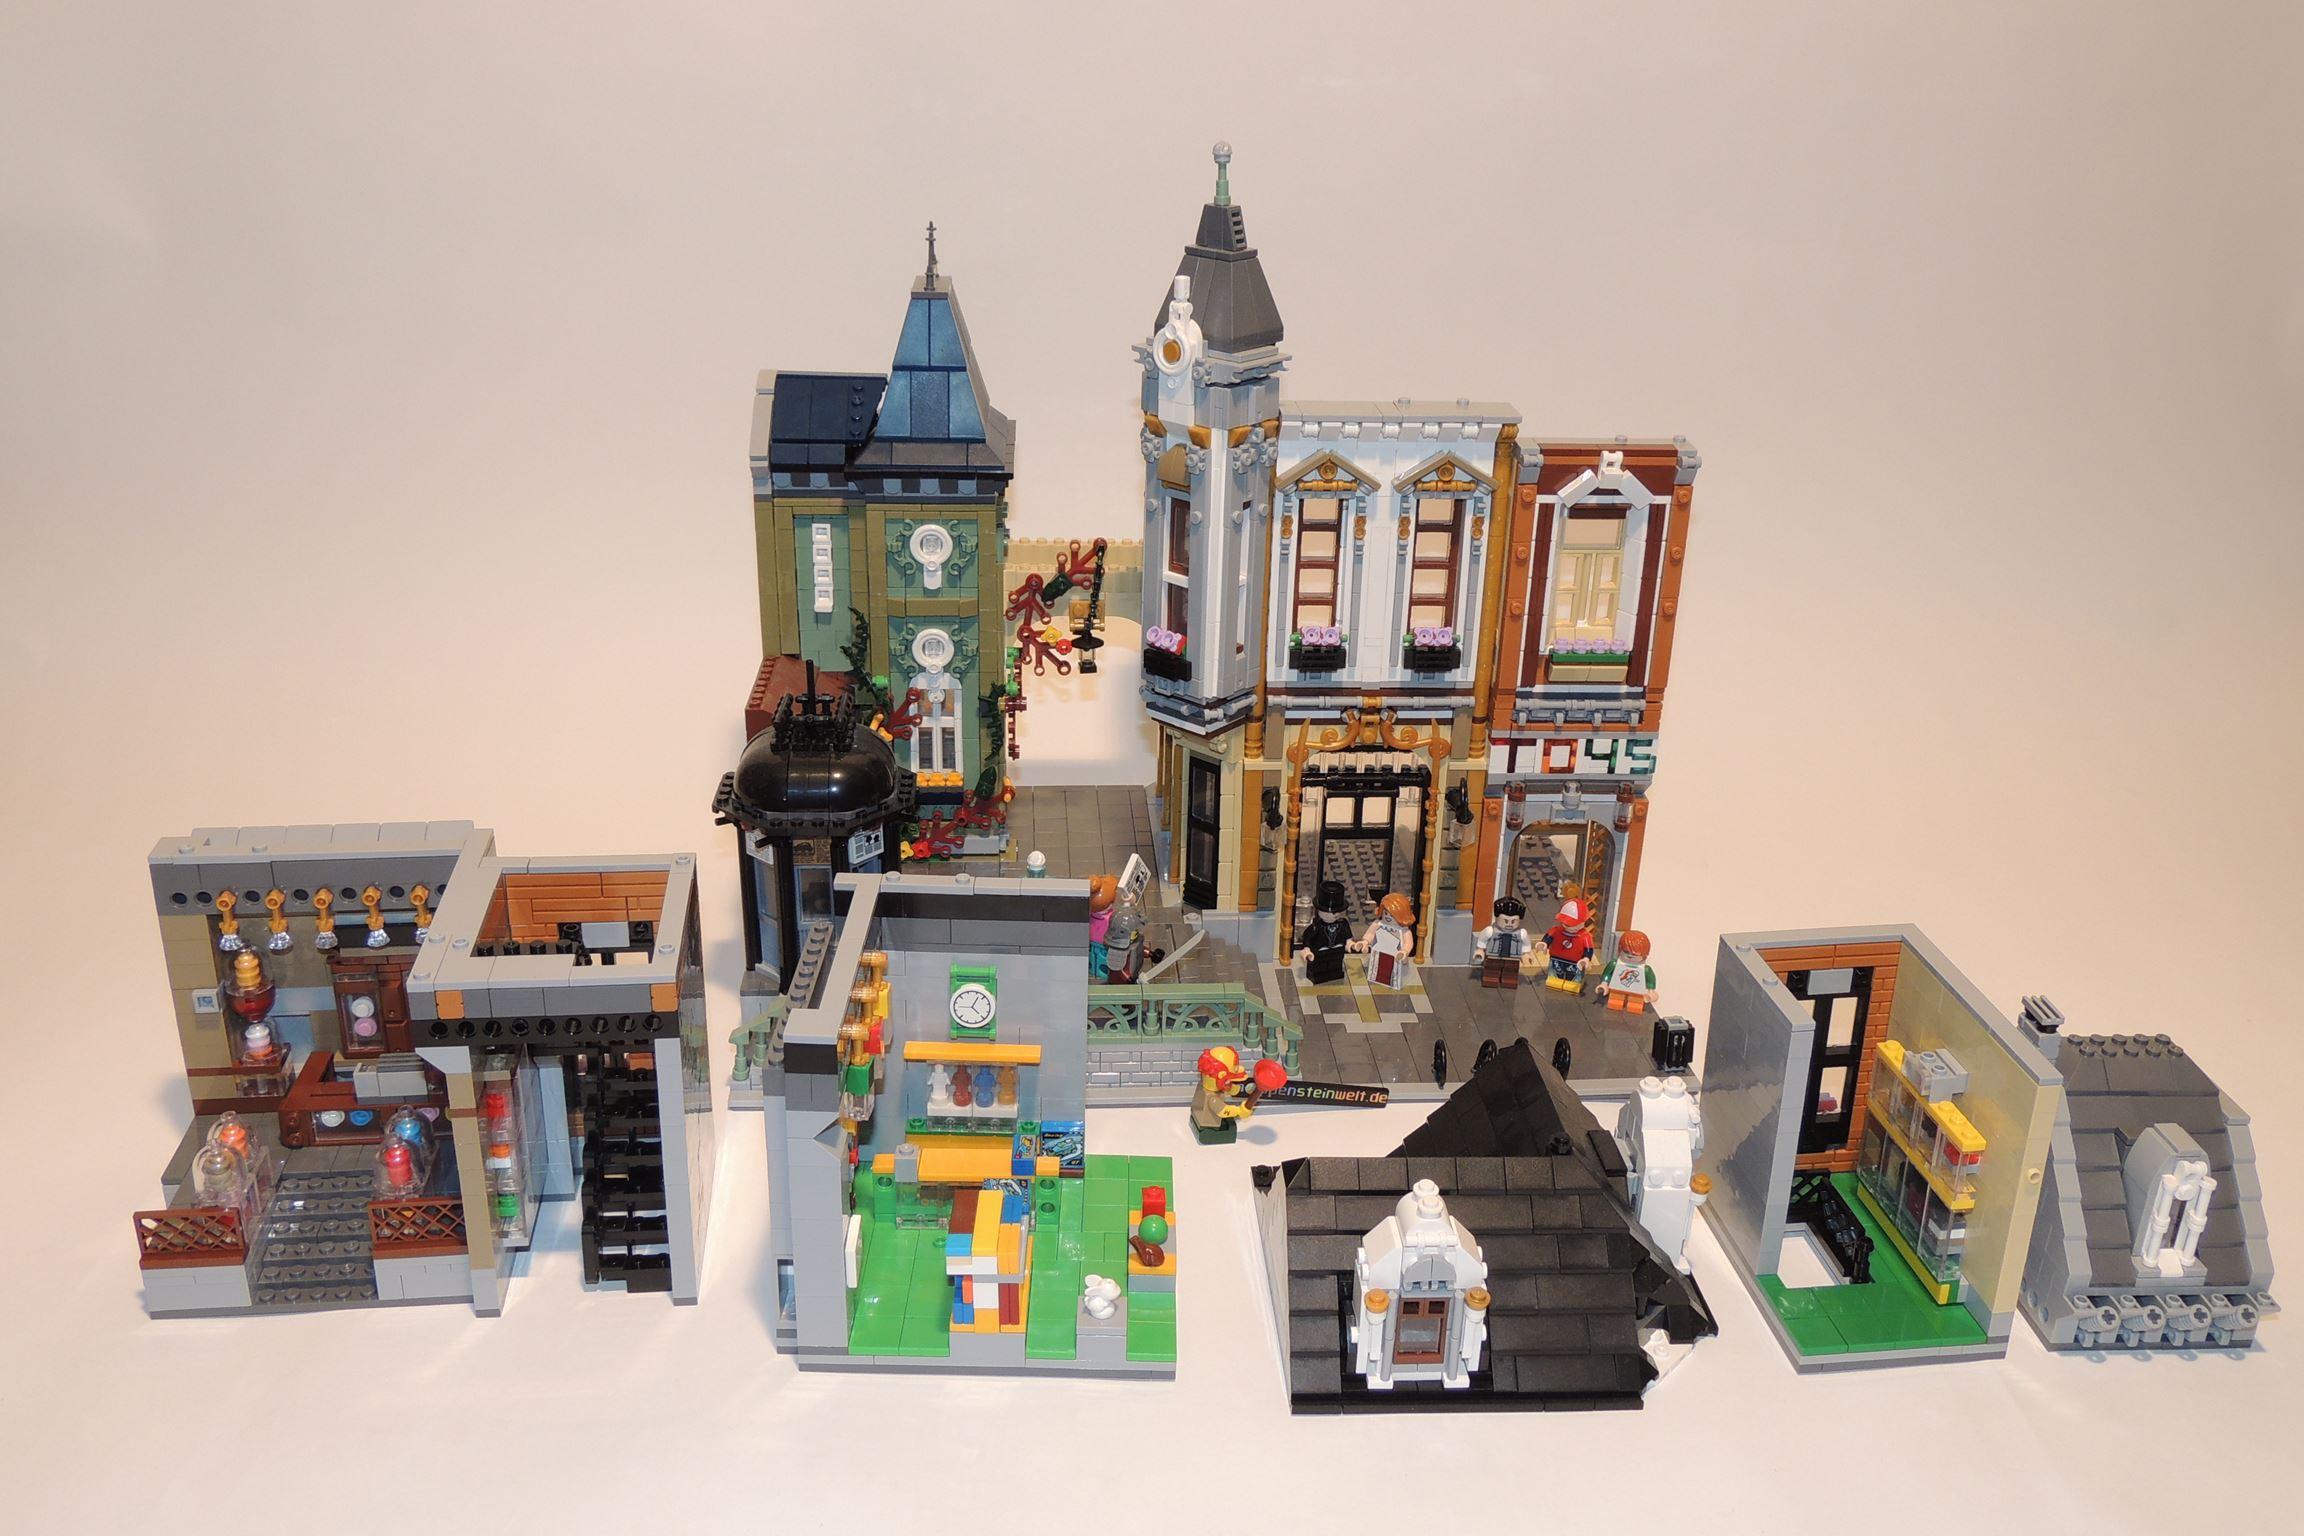 Der Toy-/AFOL-Square zerlegt in seine Module.